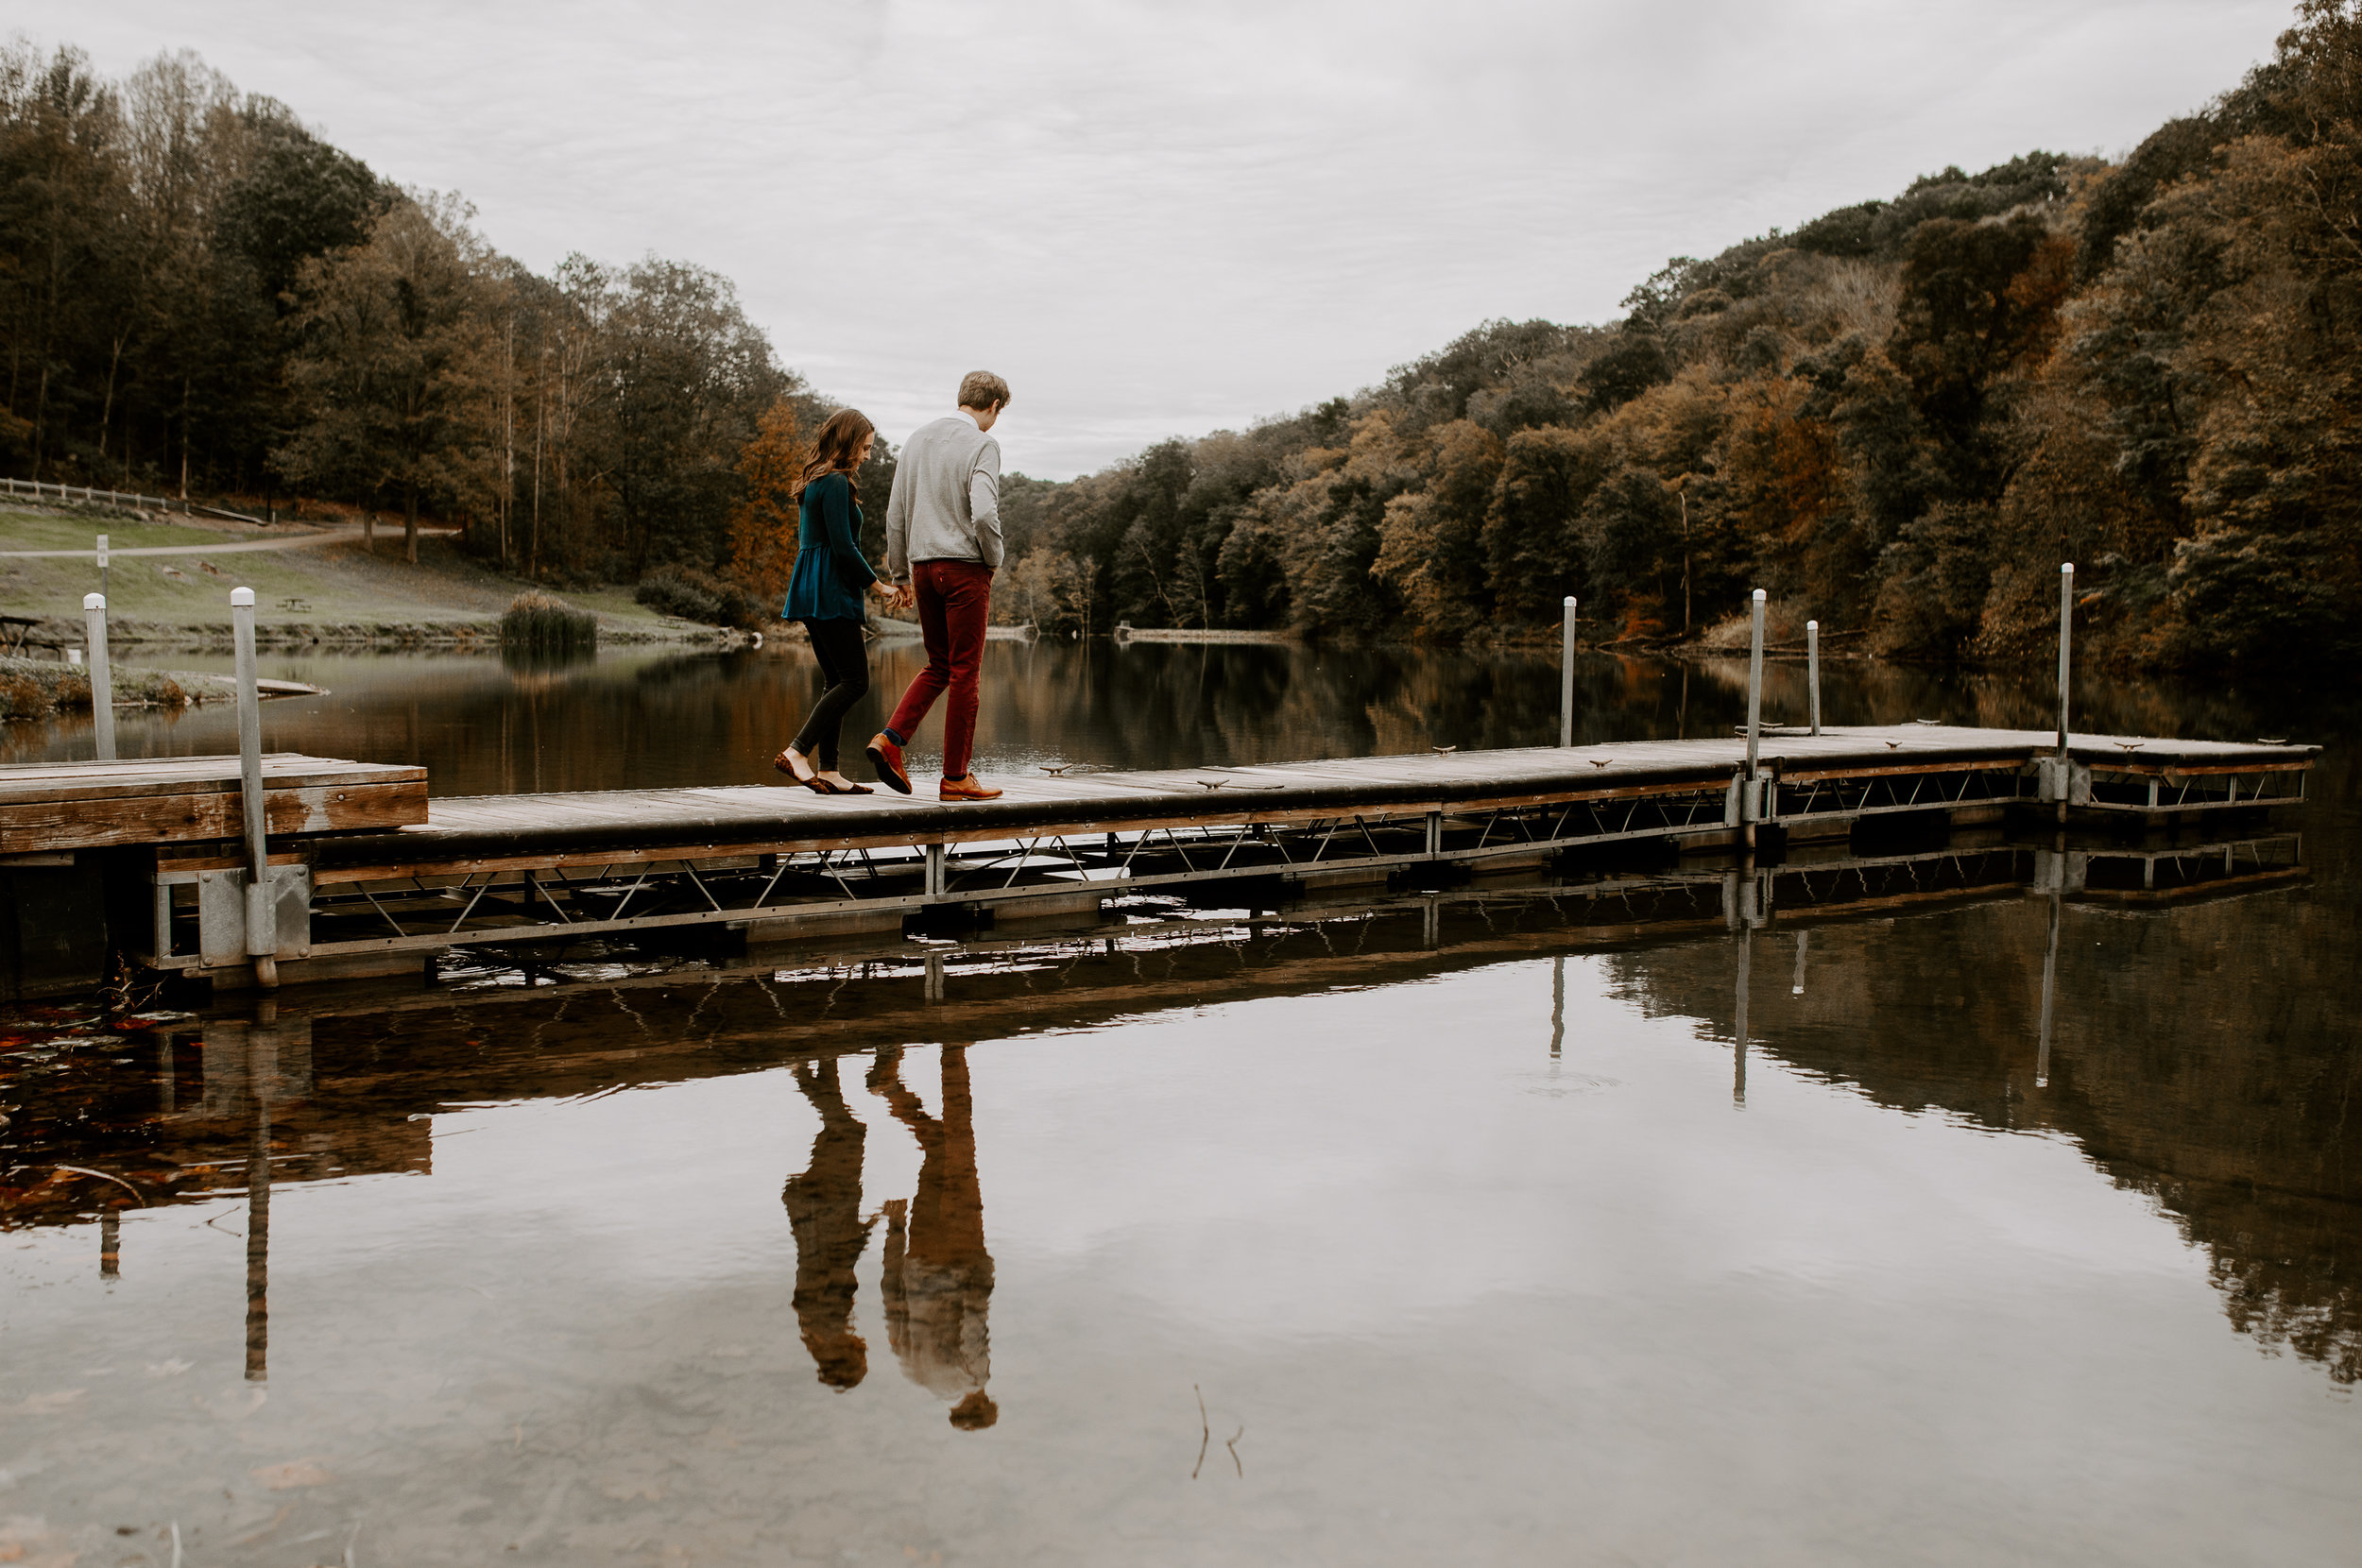 Savannah + Noah - Crisp Autumn Feels